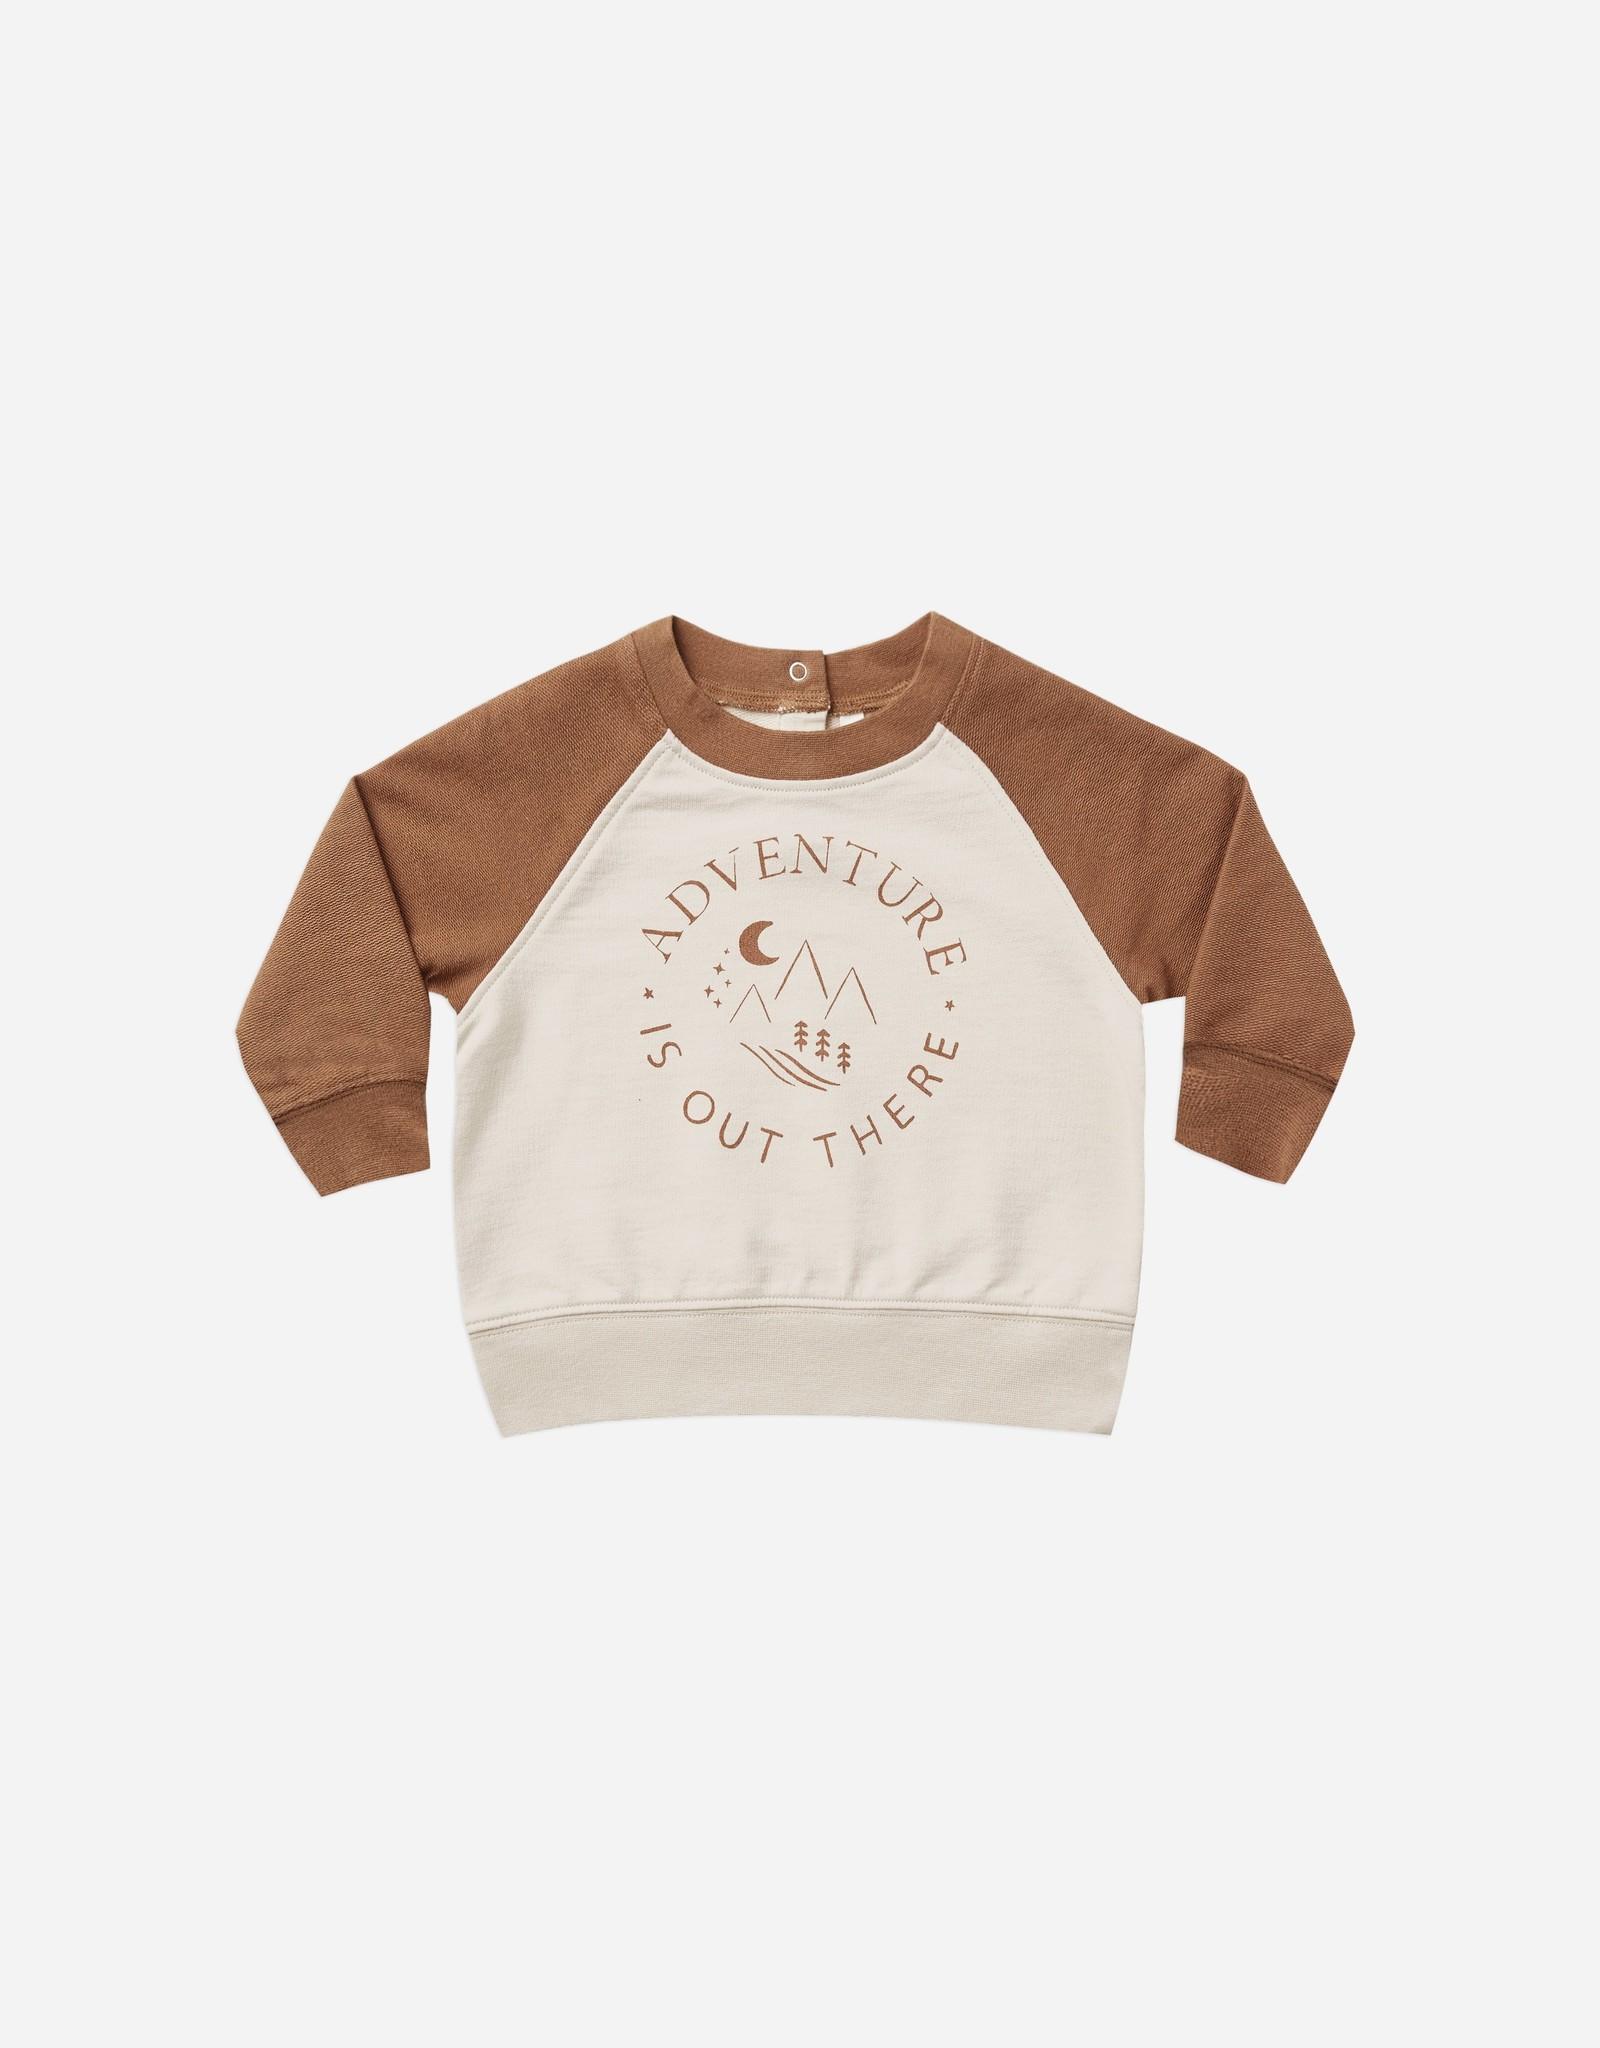 Rylee & Cru Rylee & Cru Adventure Is Out There Raglan Sweatshirt